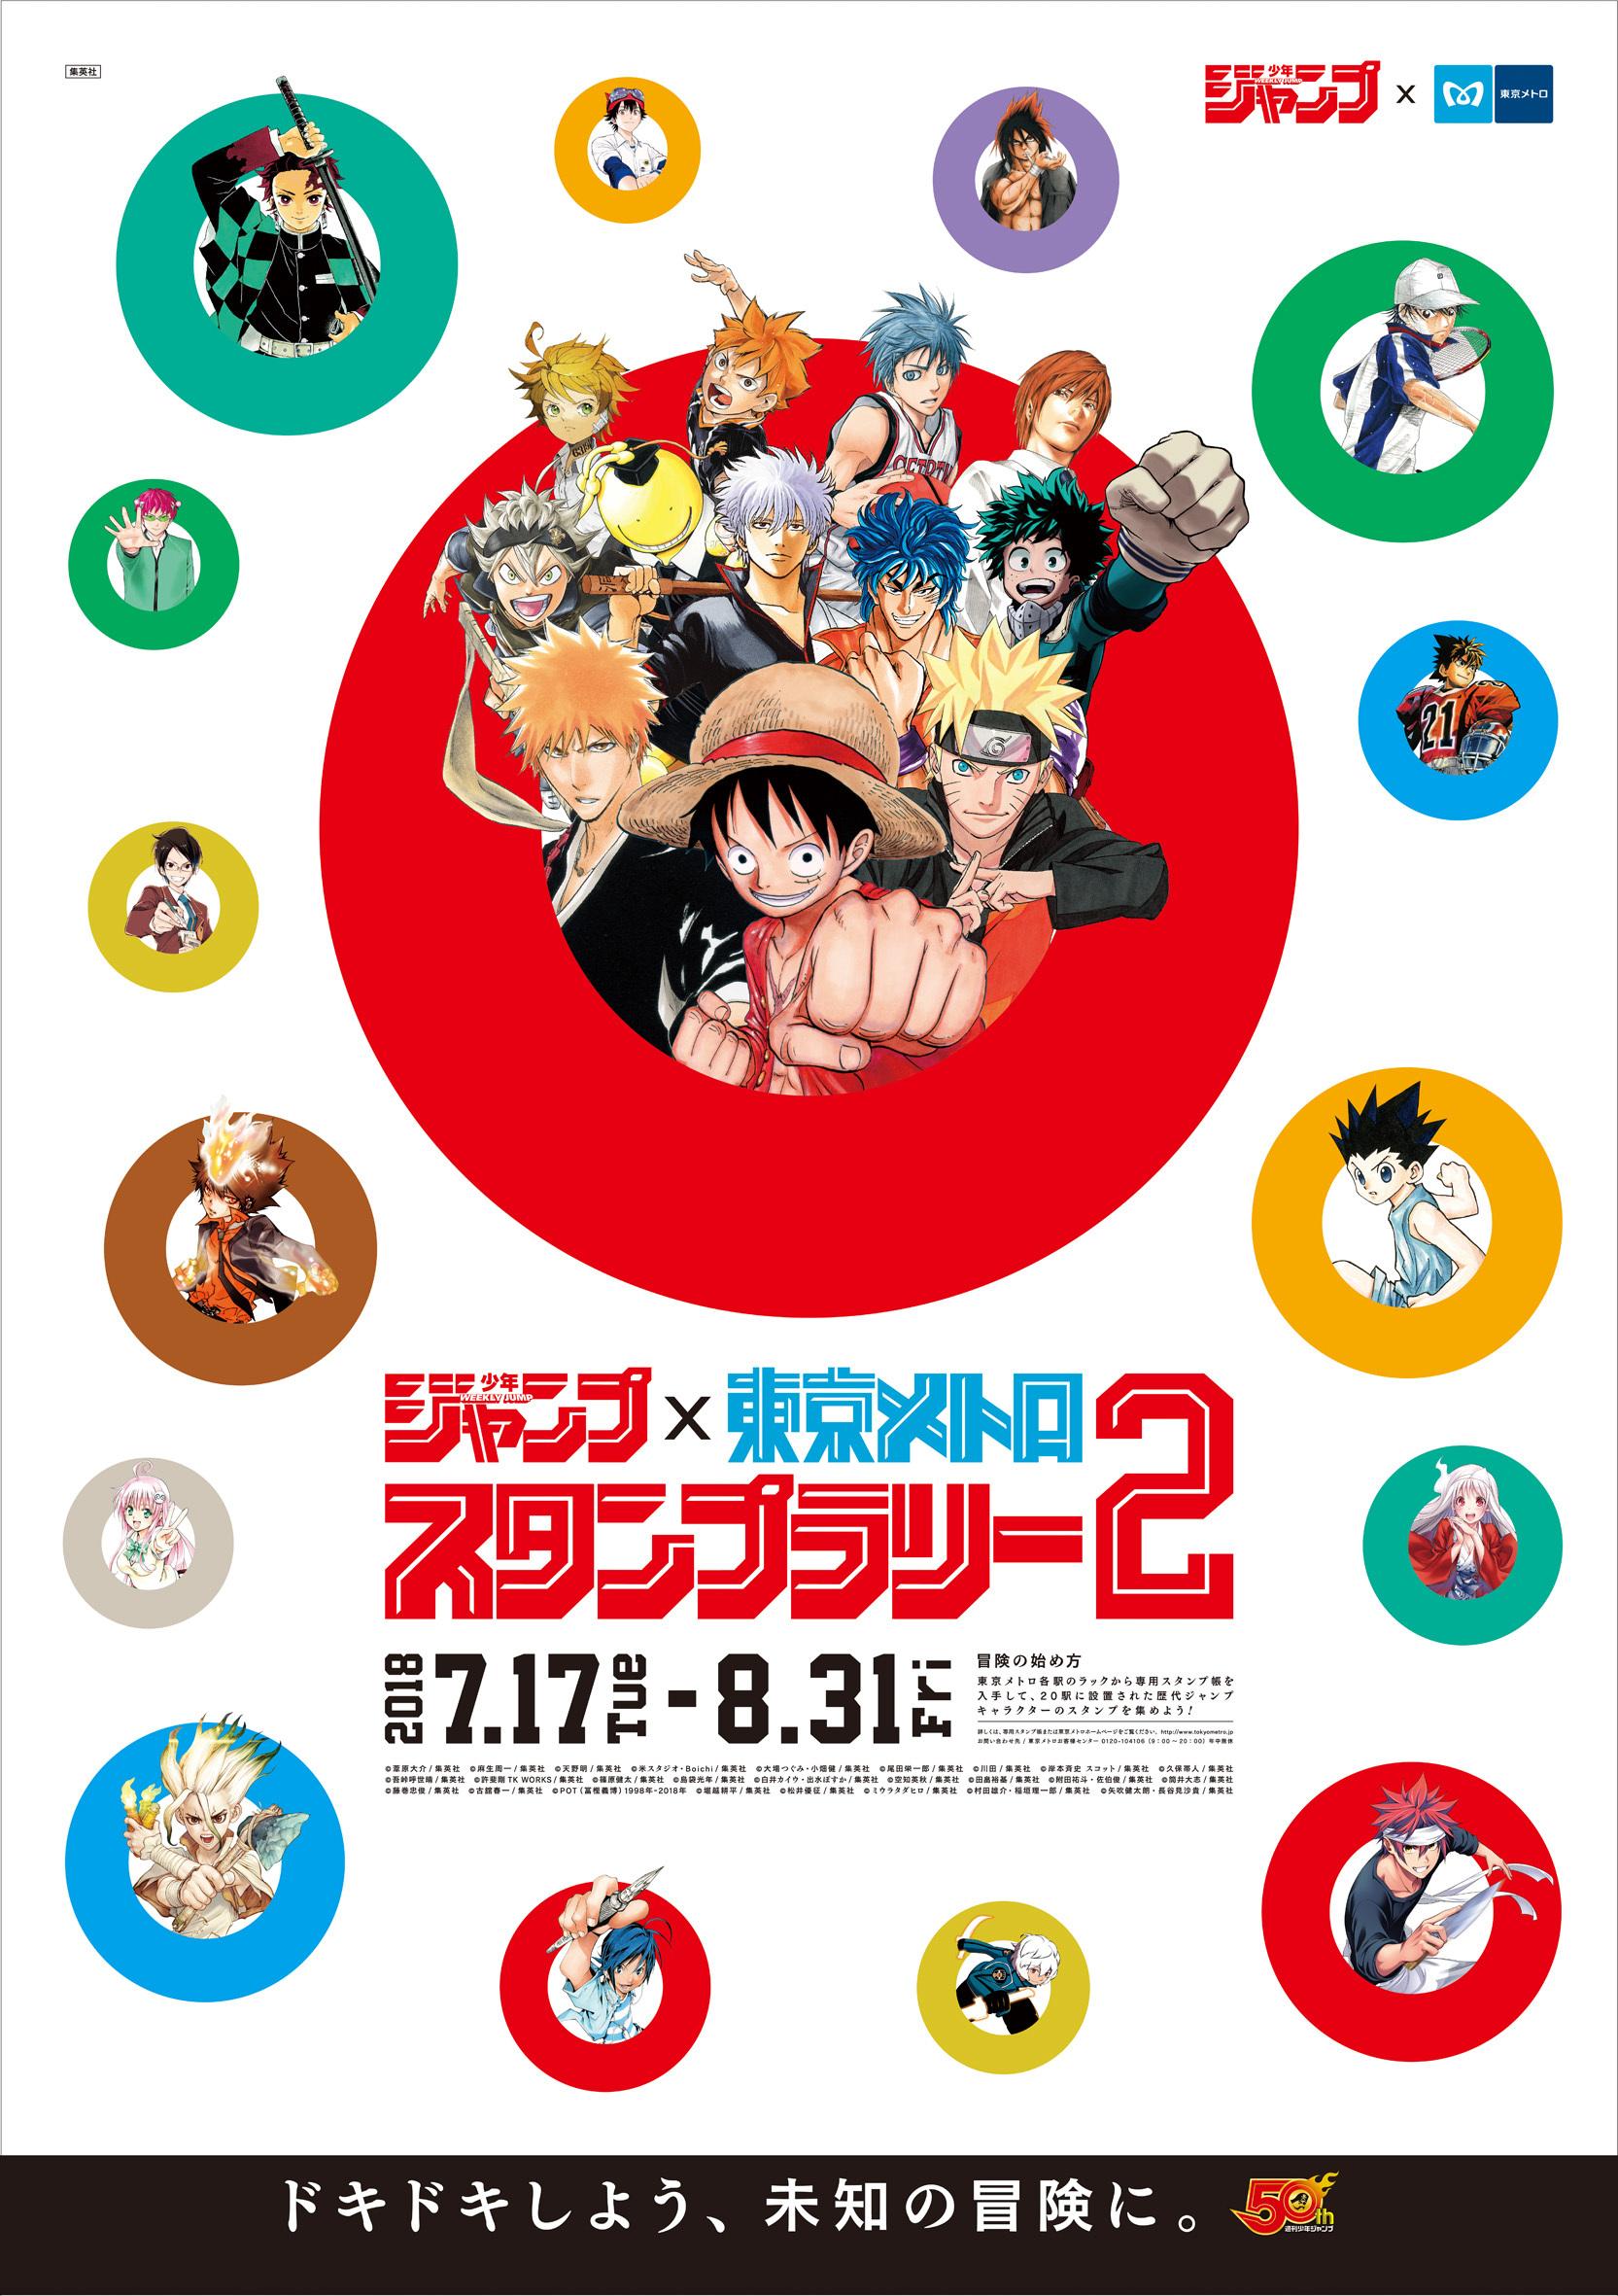 『週刊少年ジャンプ×東京メトロスタンプラリー2』ポスター